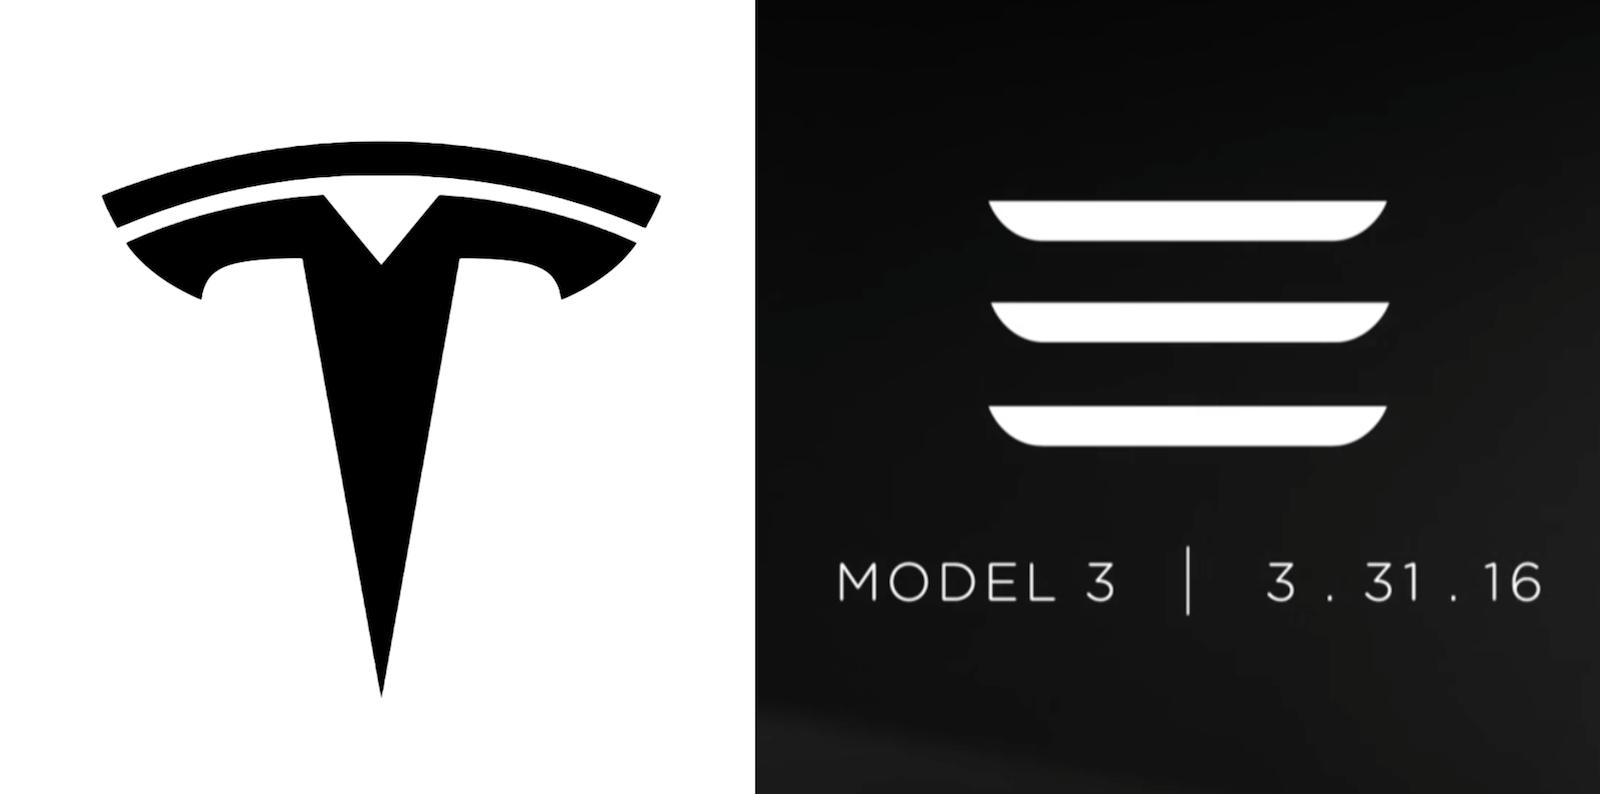 Tesla S Gigafactory A Christmas In July Tesla Inc